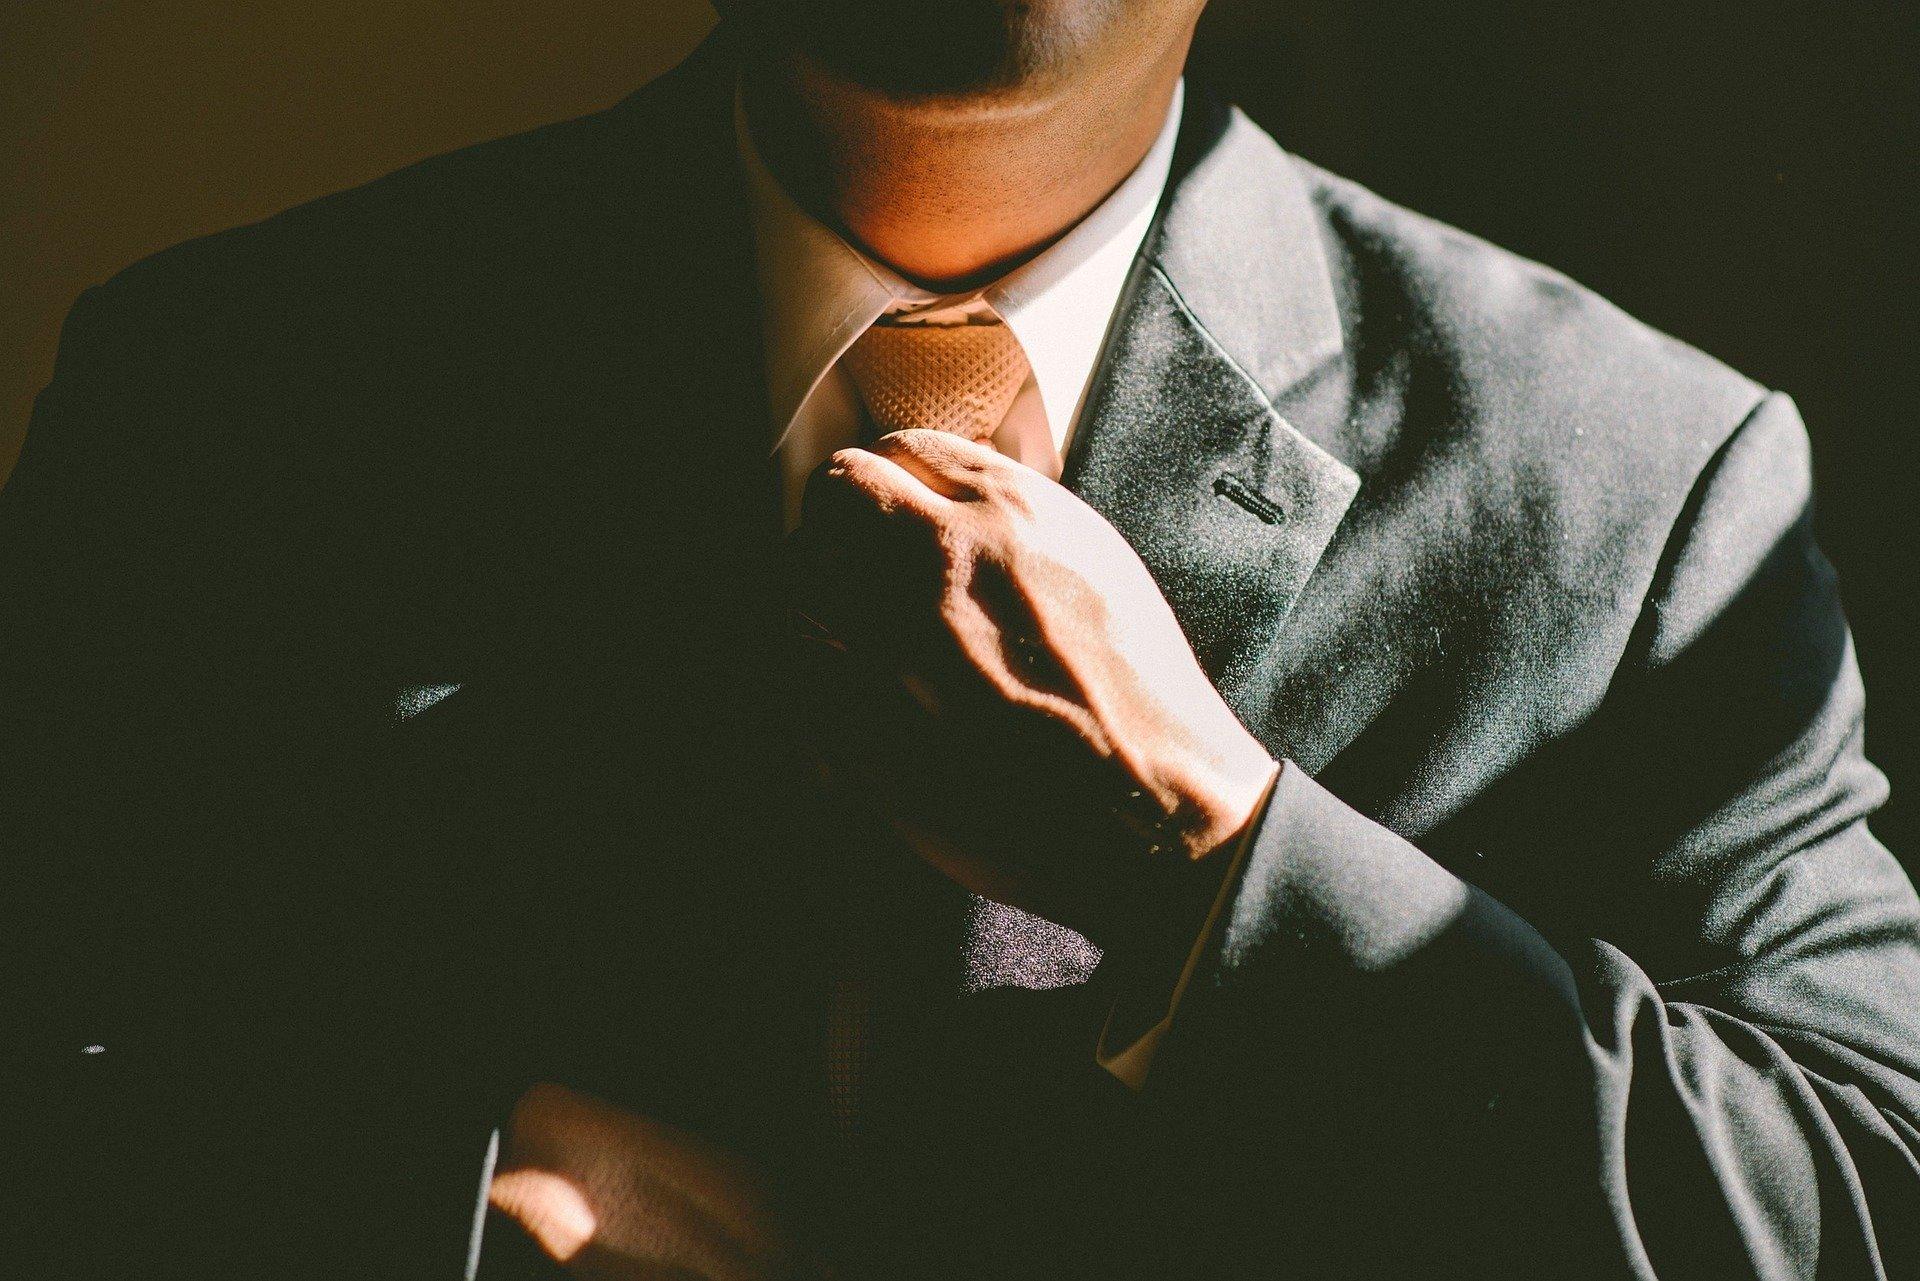 Foto de homem arrumando a gravata